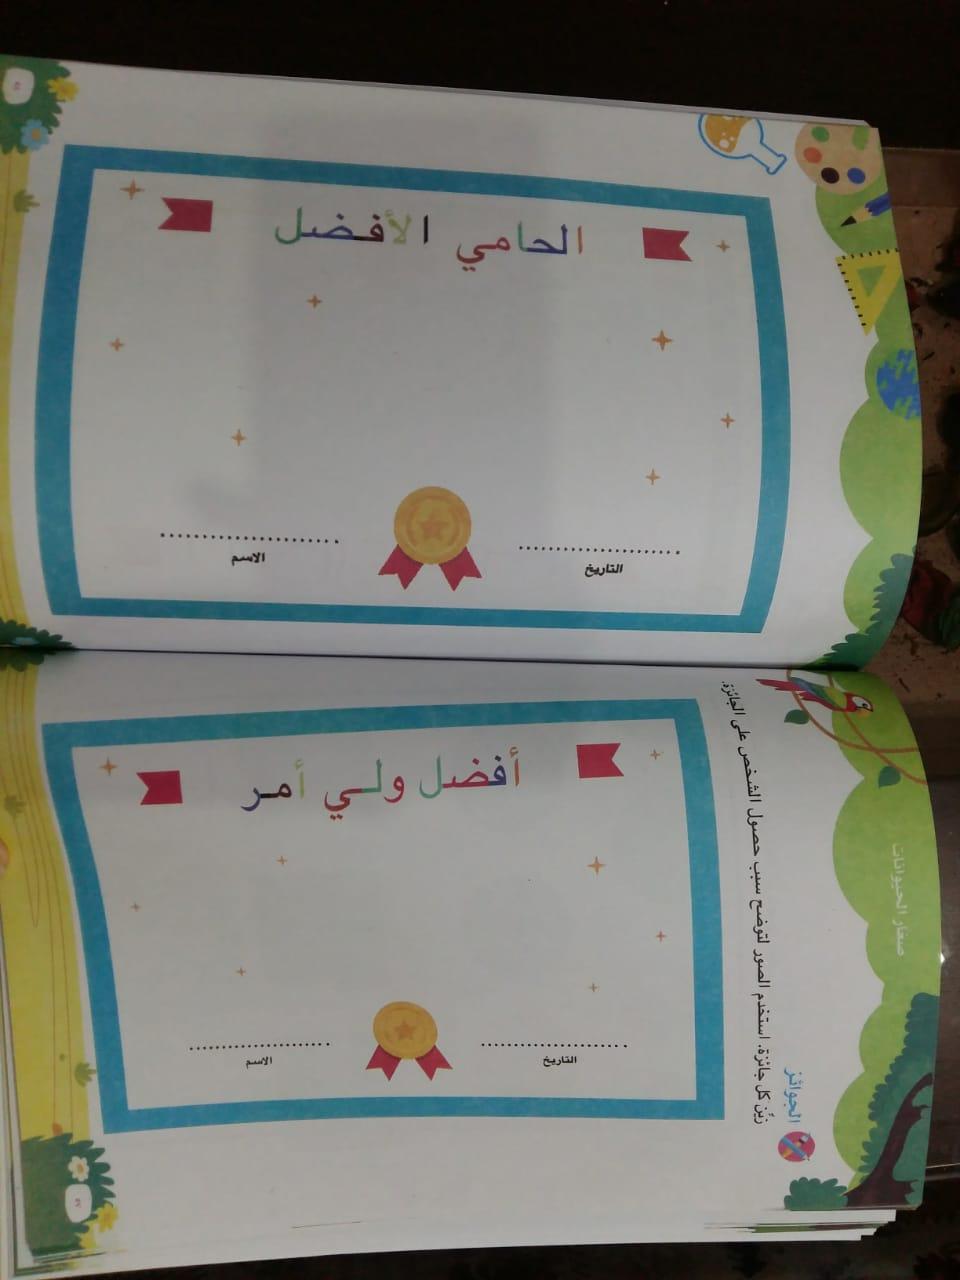 منهج رياض الأطفال الجديد (44)